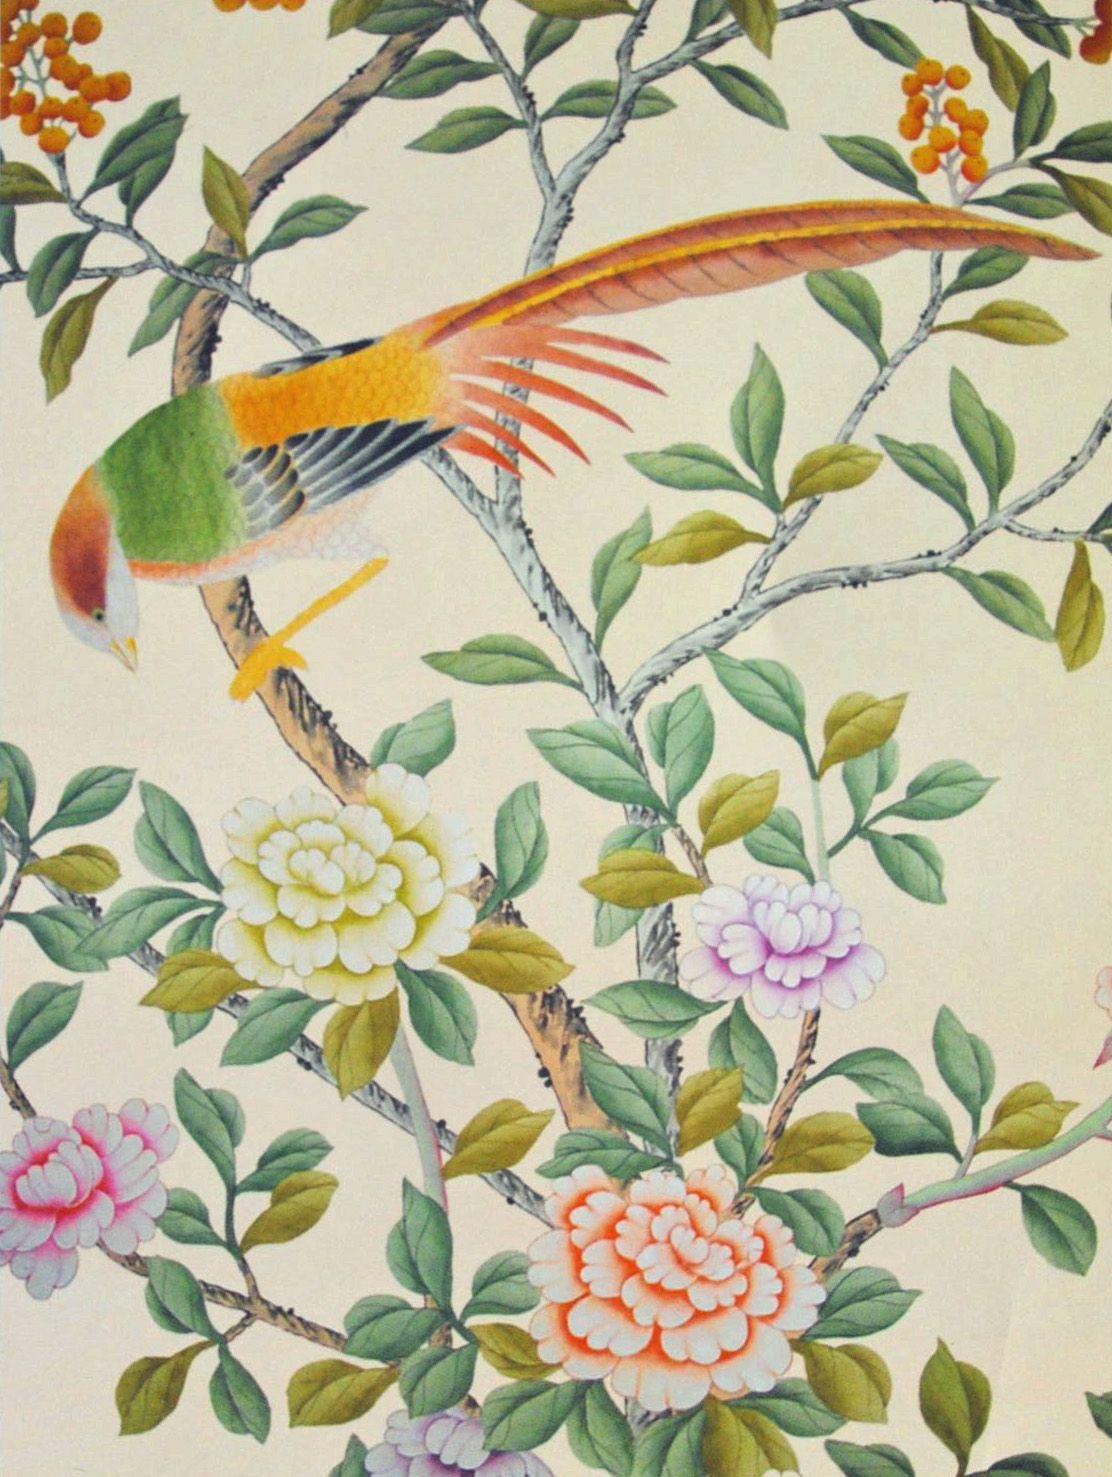 Chinoiserie wallpaper 'Earlham' design in full custom